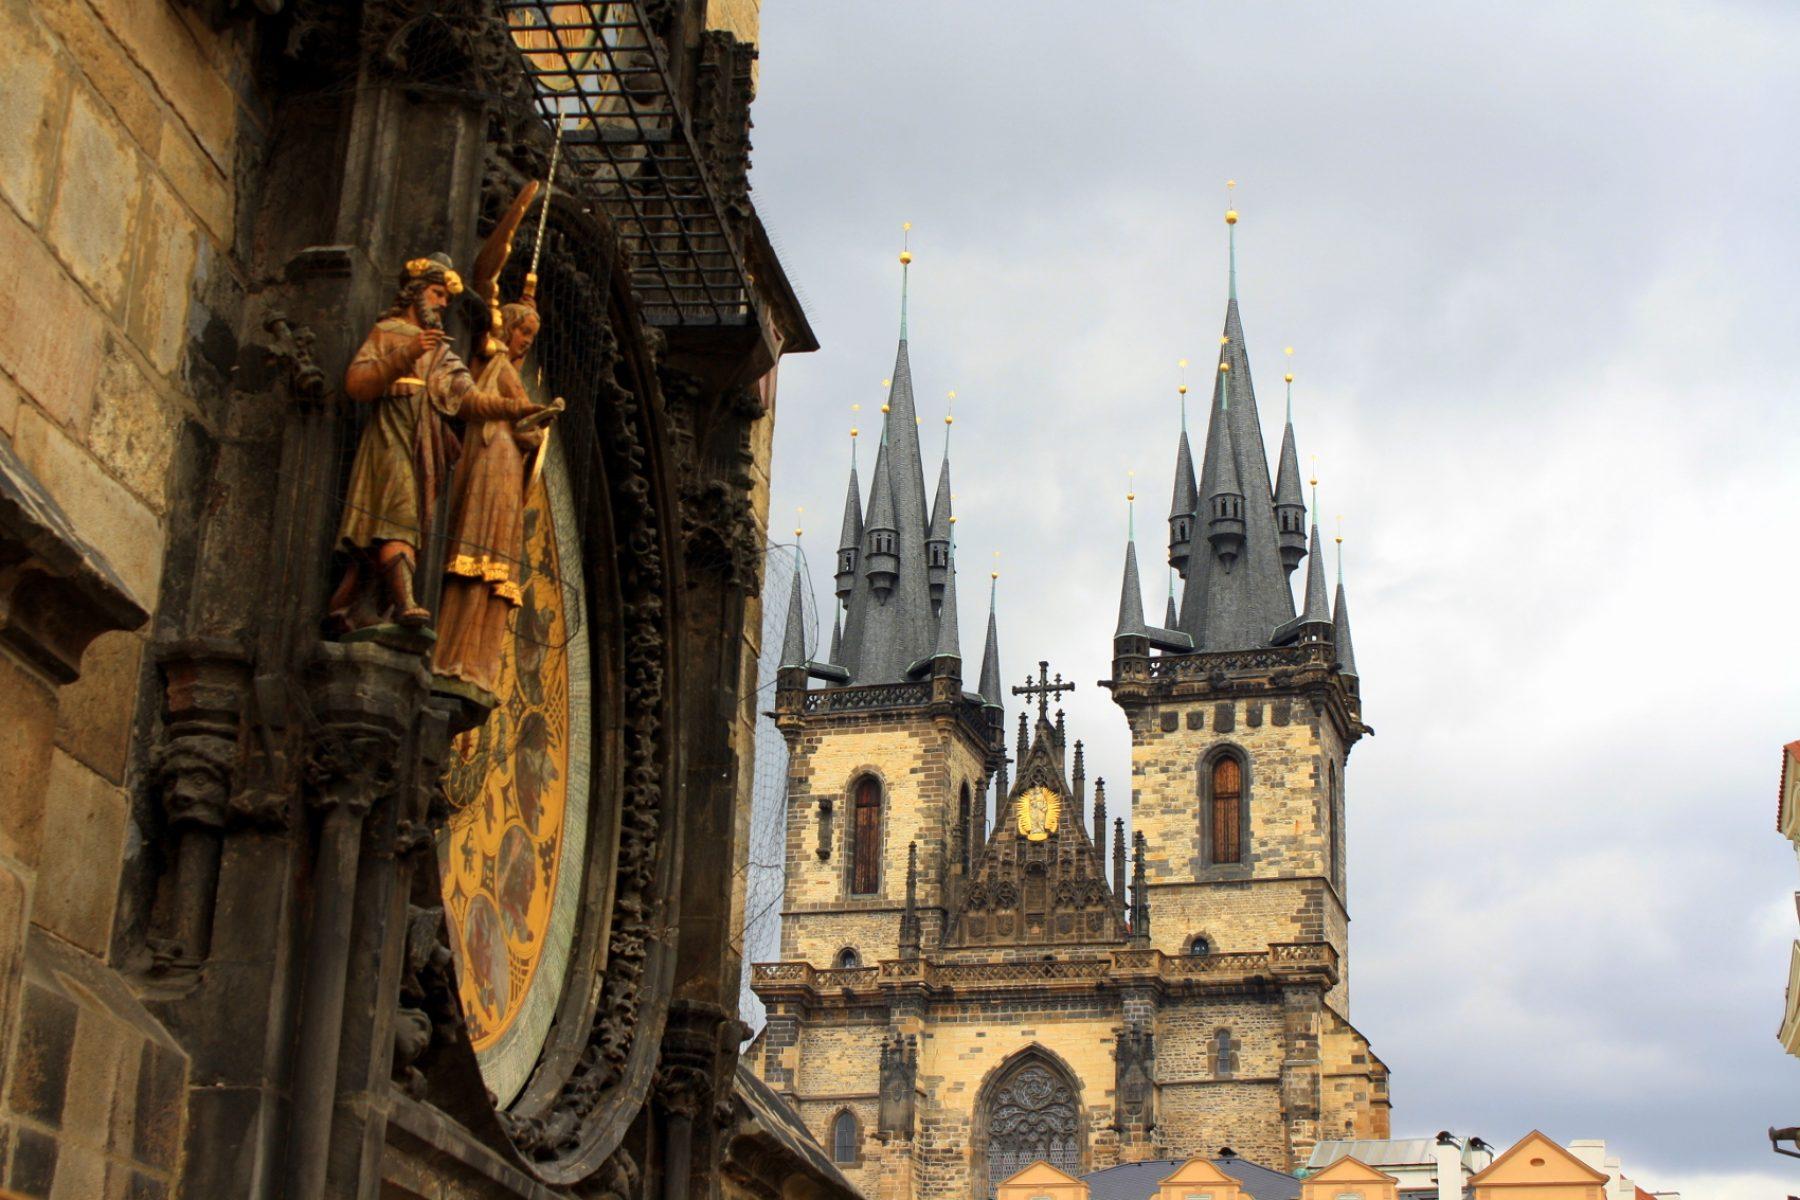 Vue Sur la cathédrale the Thyn et l'horloge astronomique